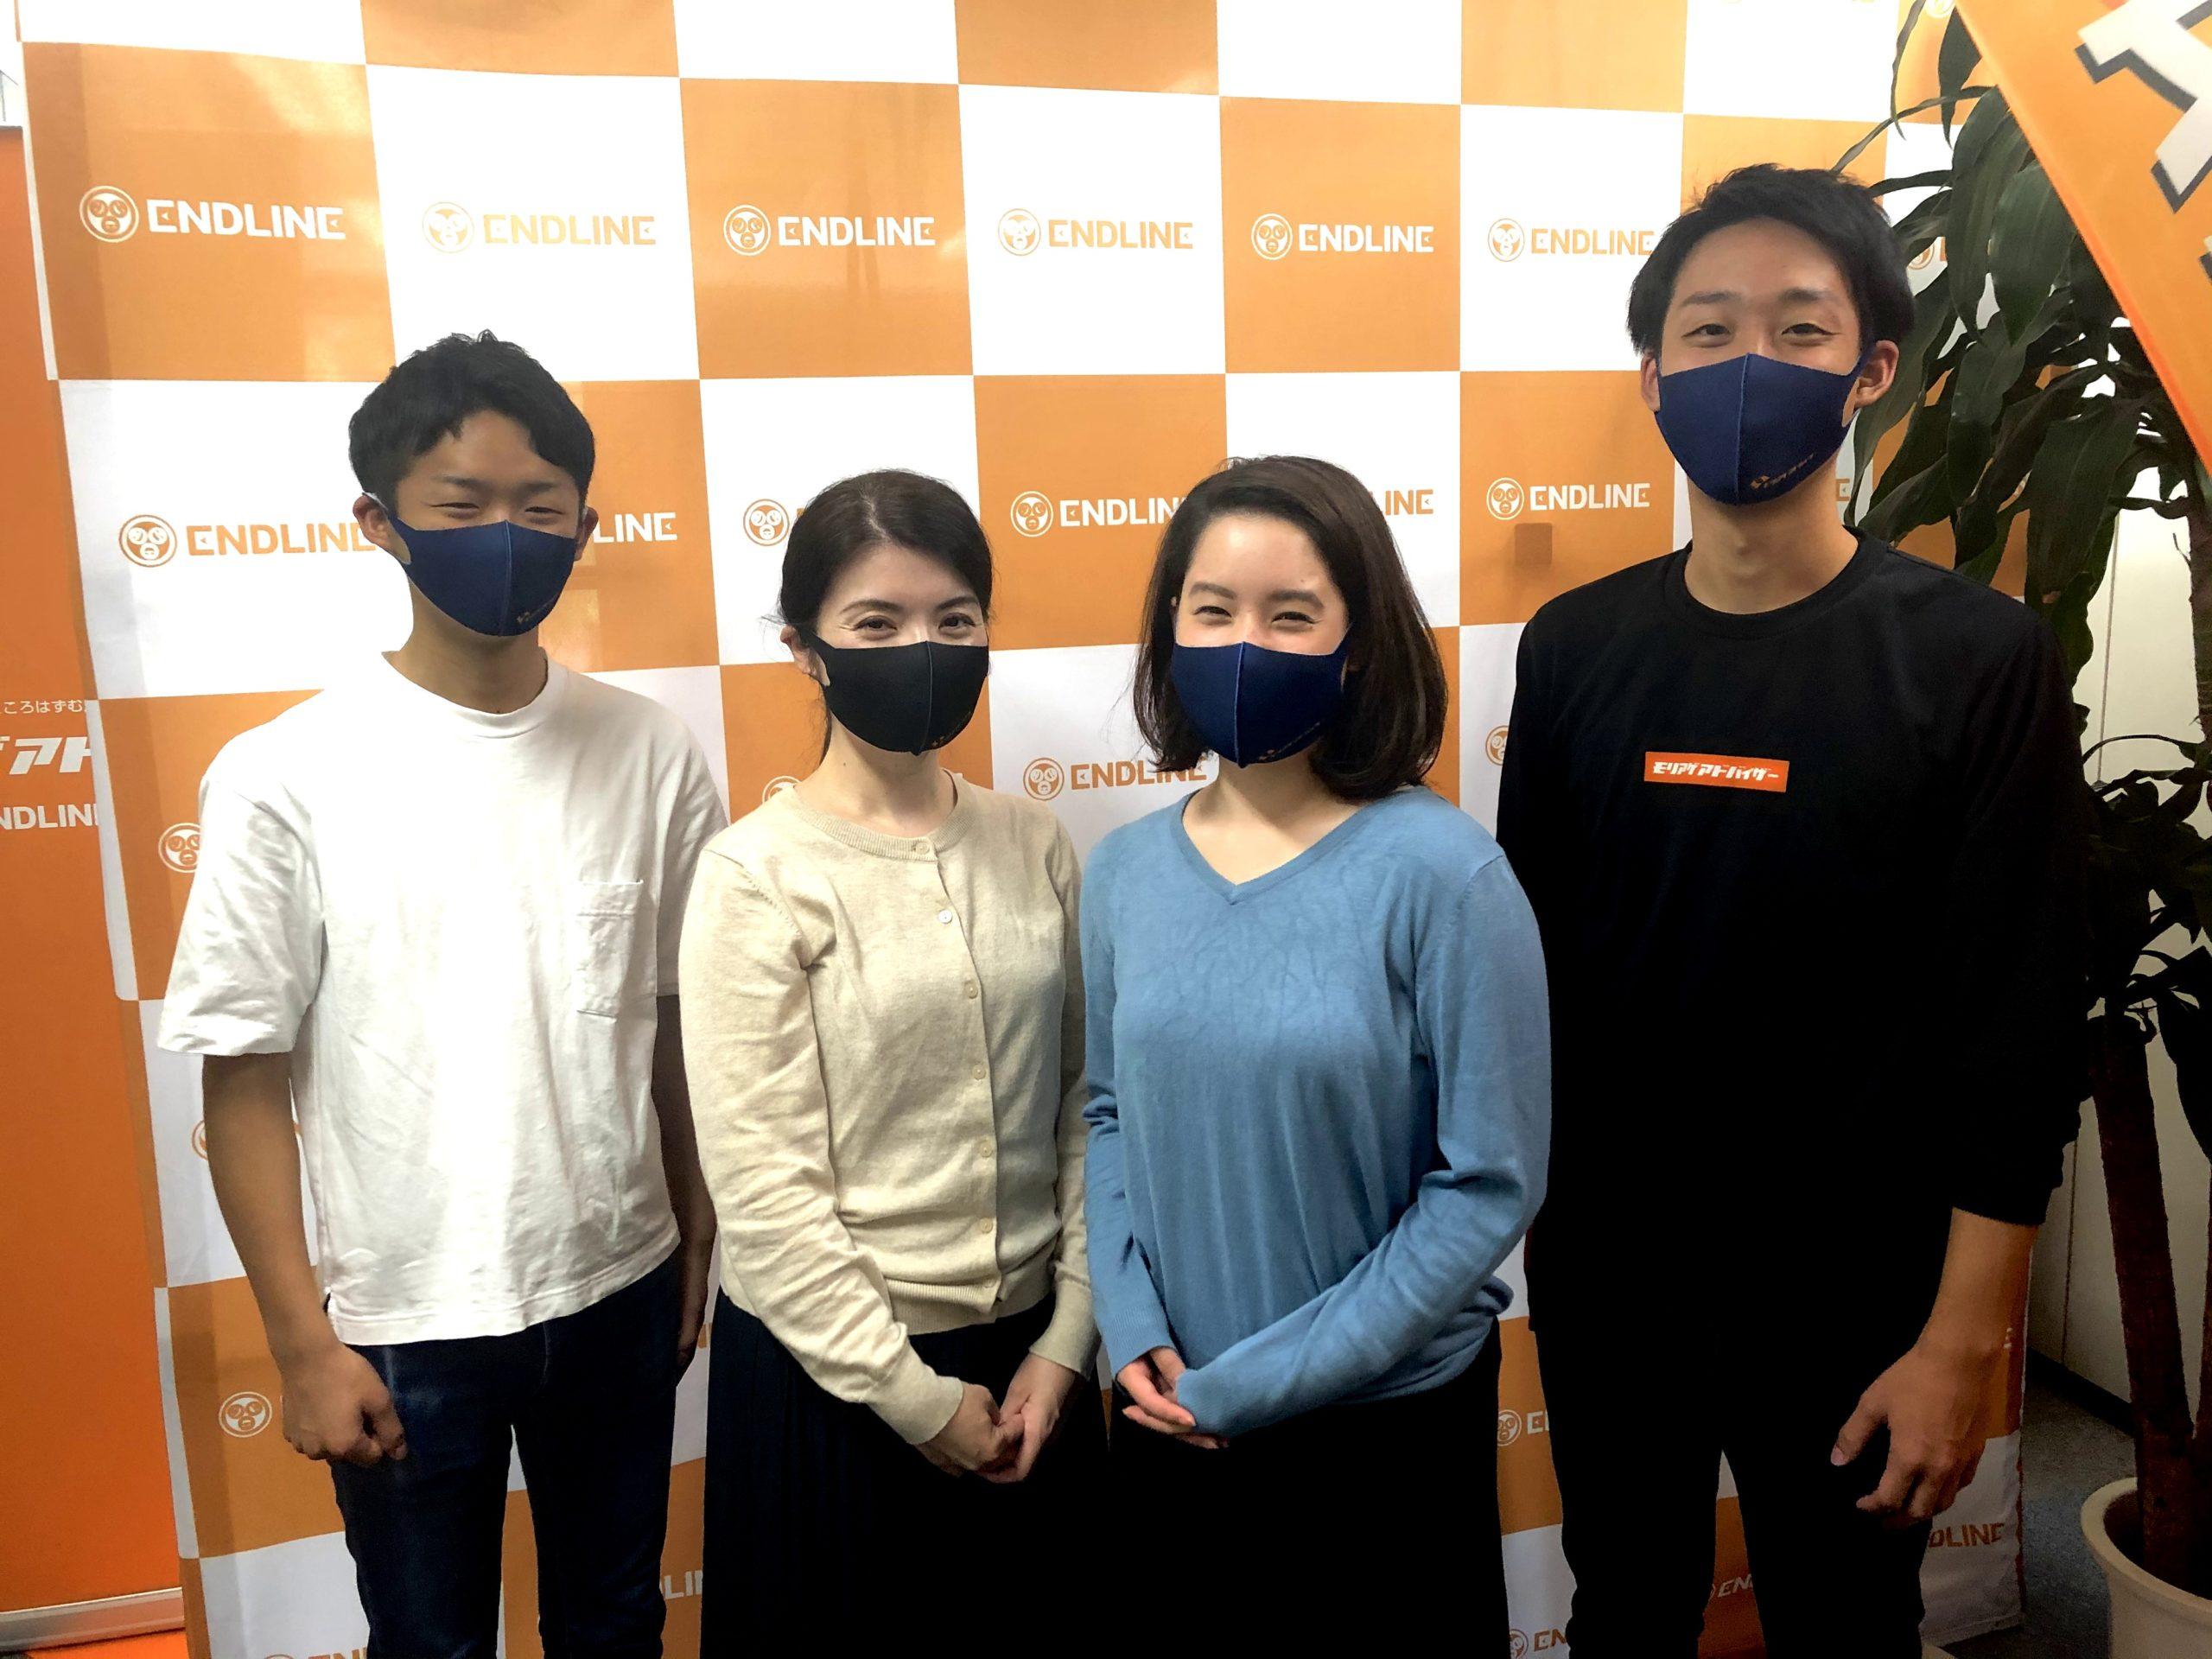 マスク4人正面 (2)